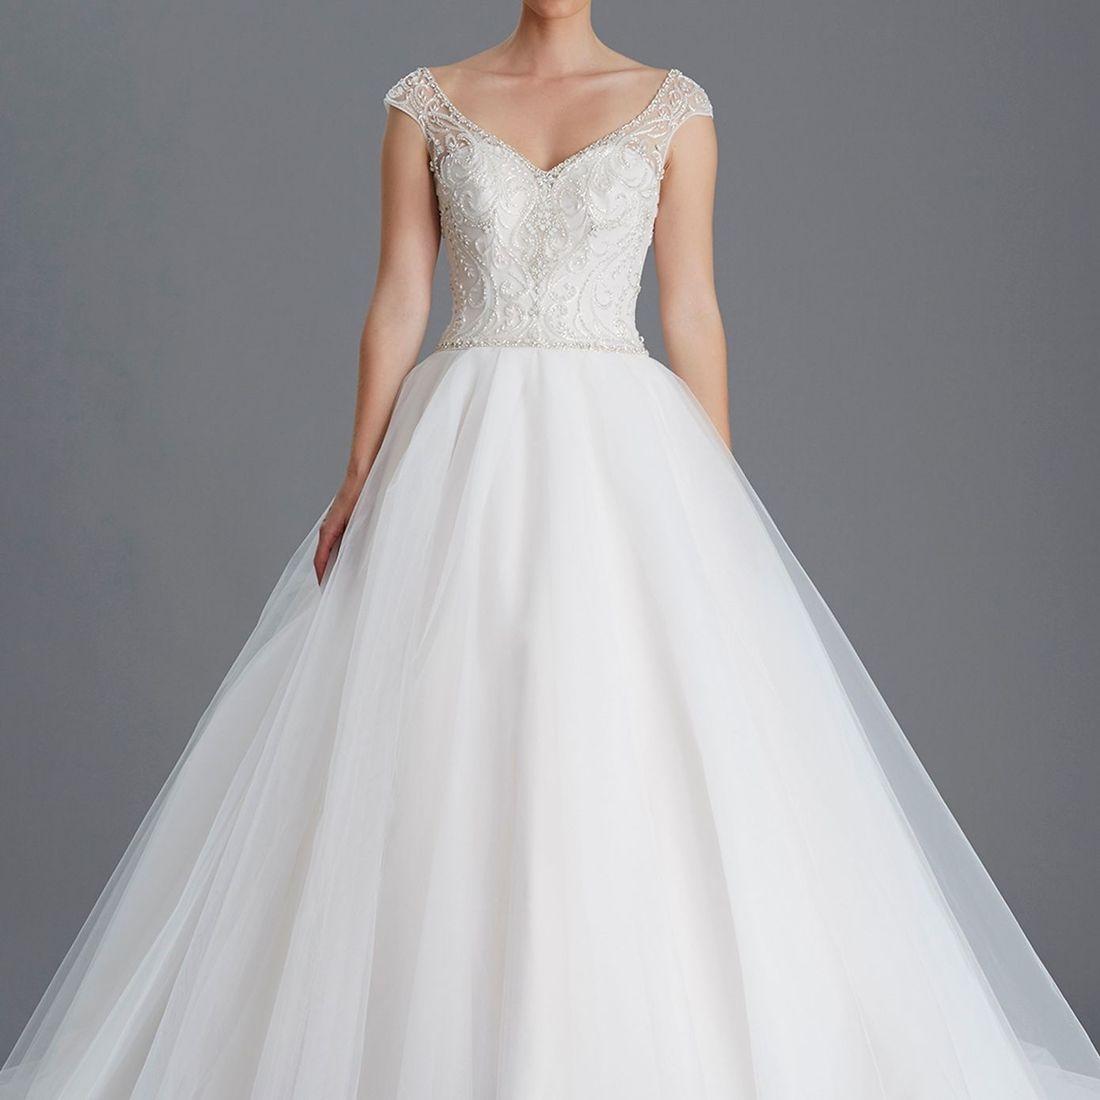 sweetheart crystal bodice, full skirt, straps